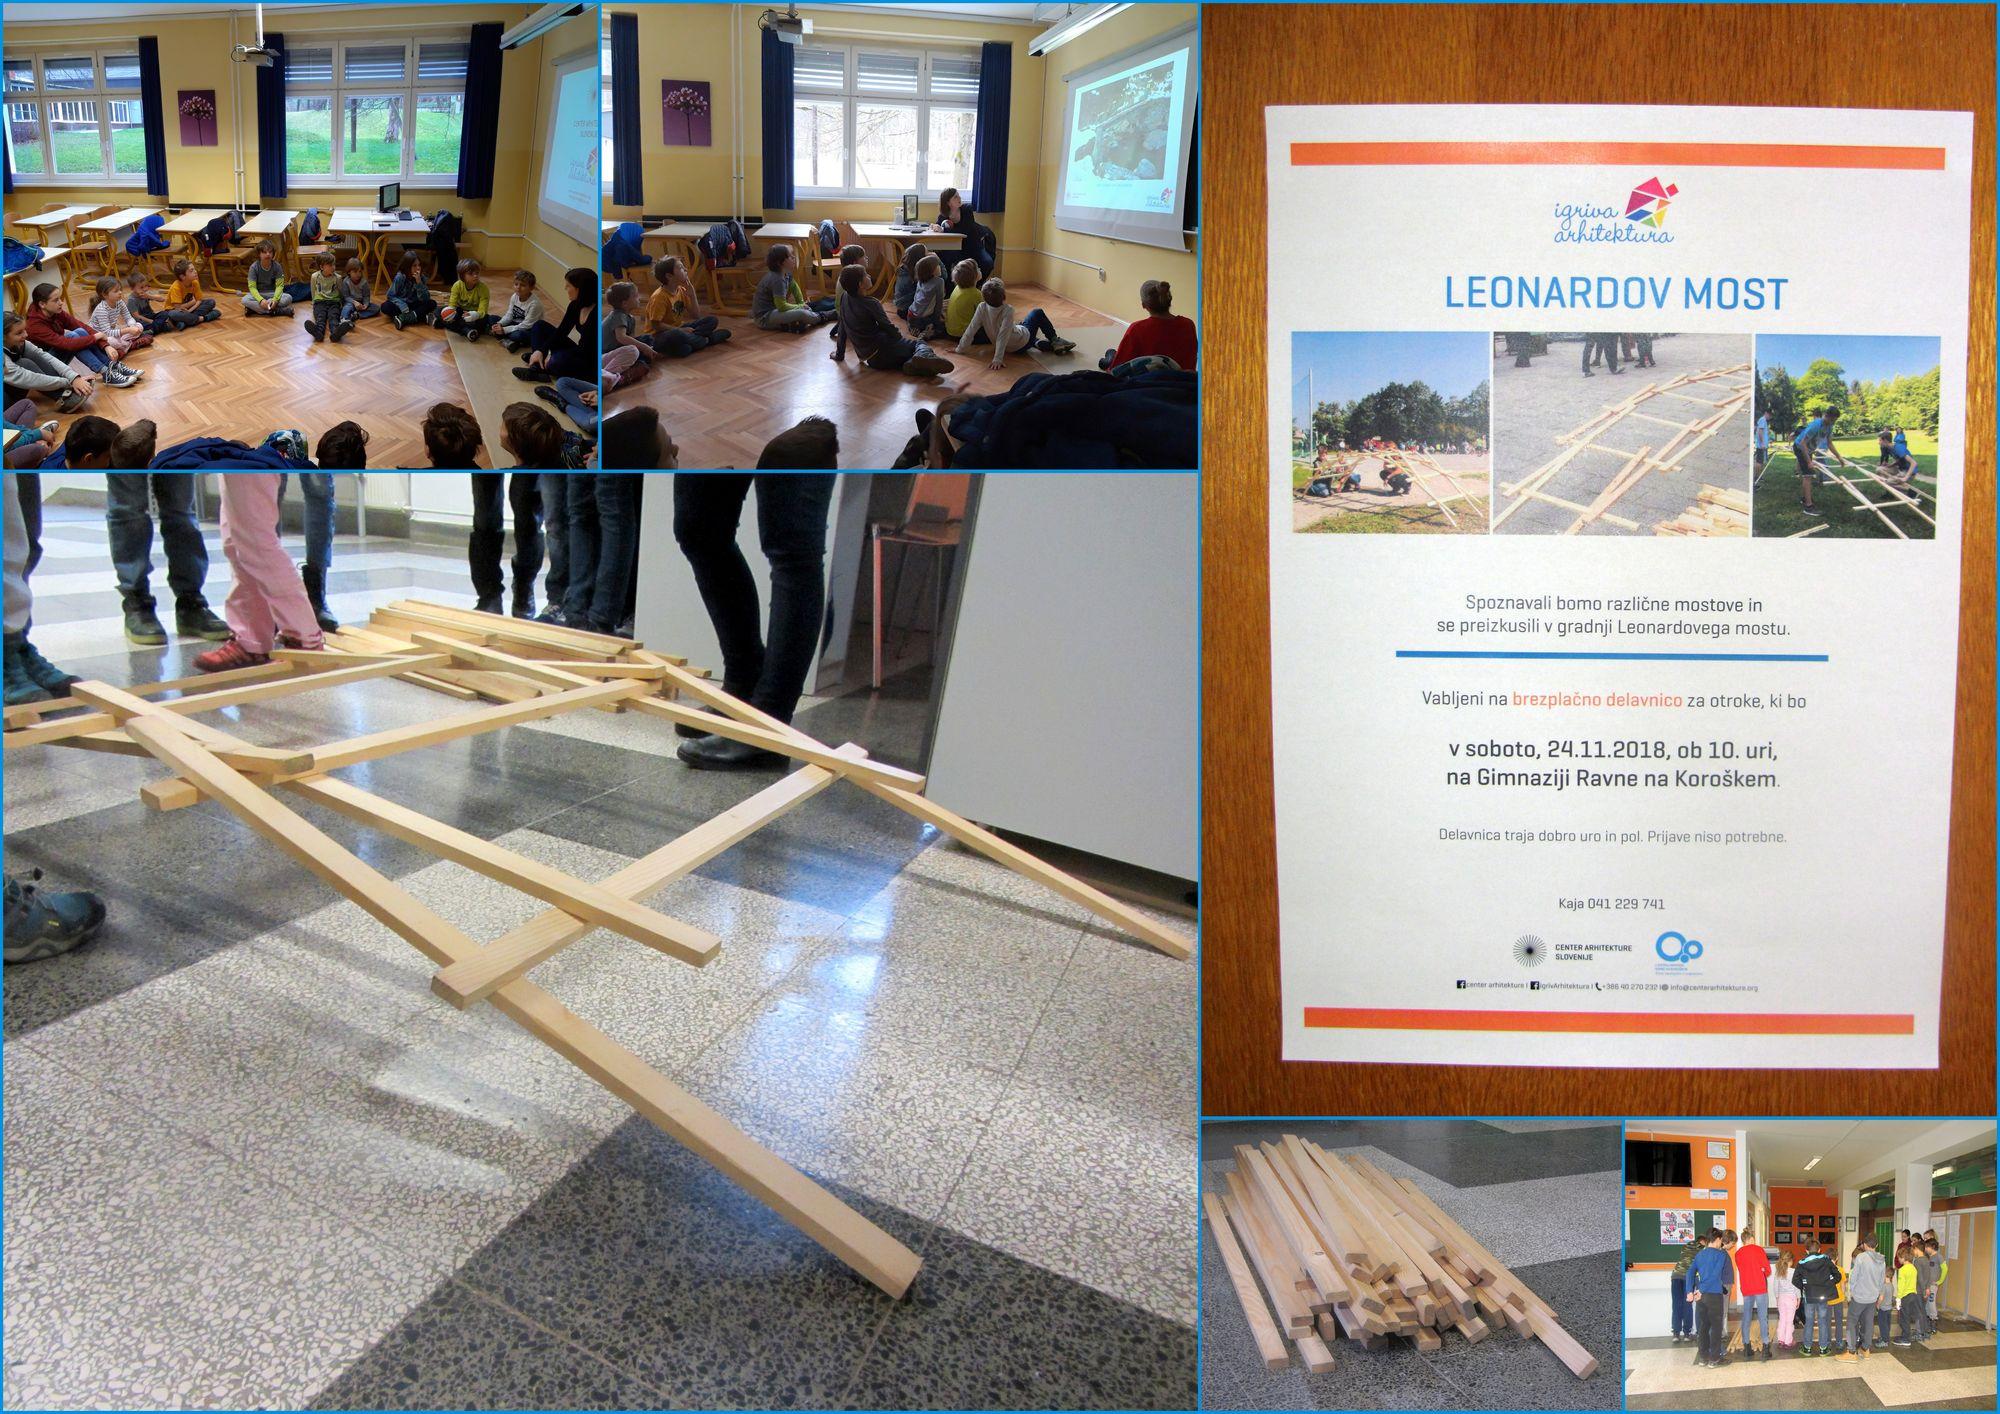 igriva-arhitektura-leonardo-1